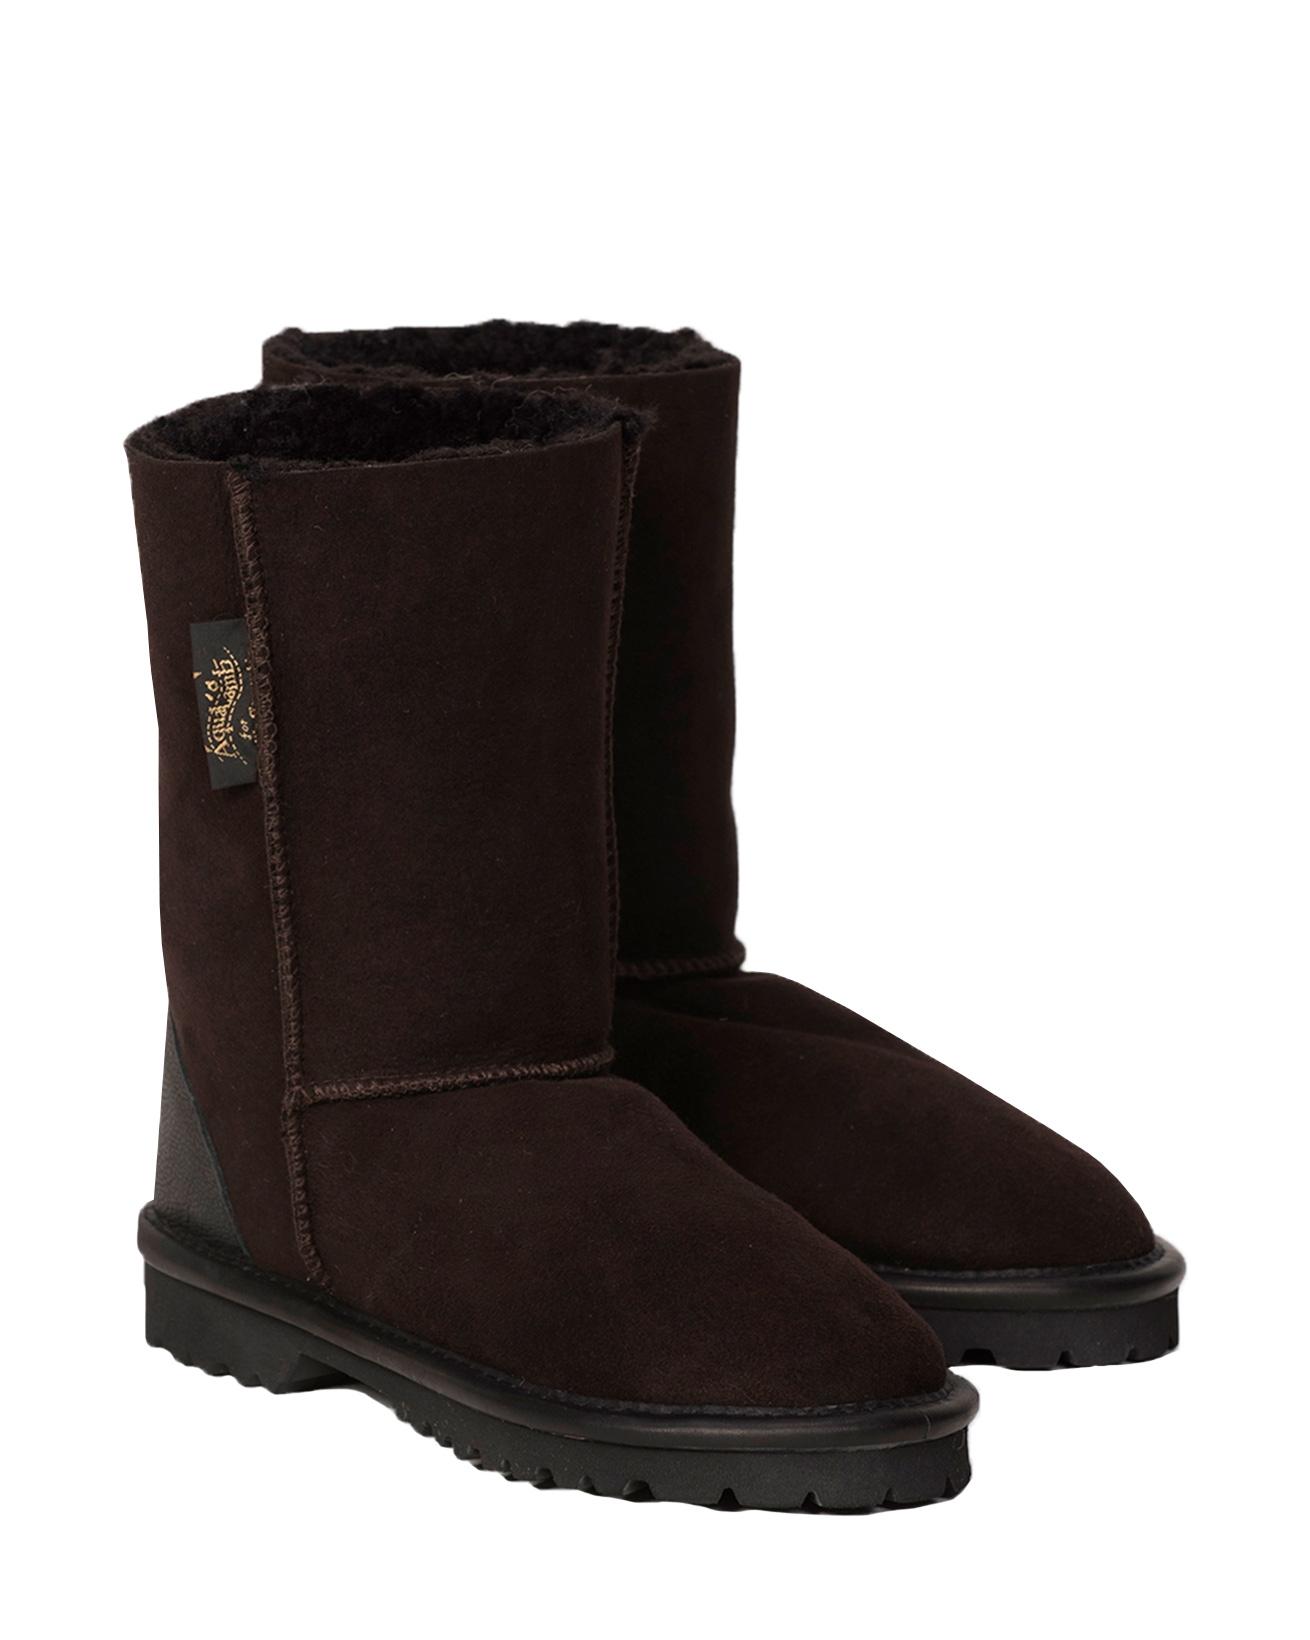 Men's Reg Aqualamb Boots -  Size 11